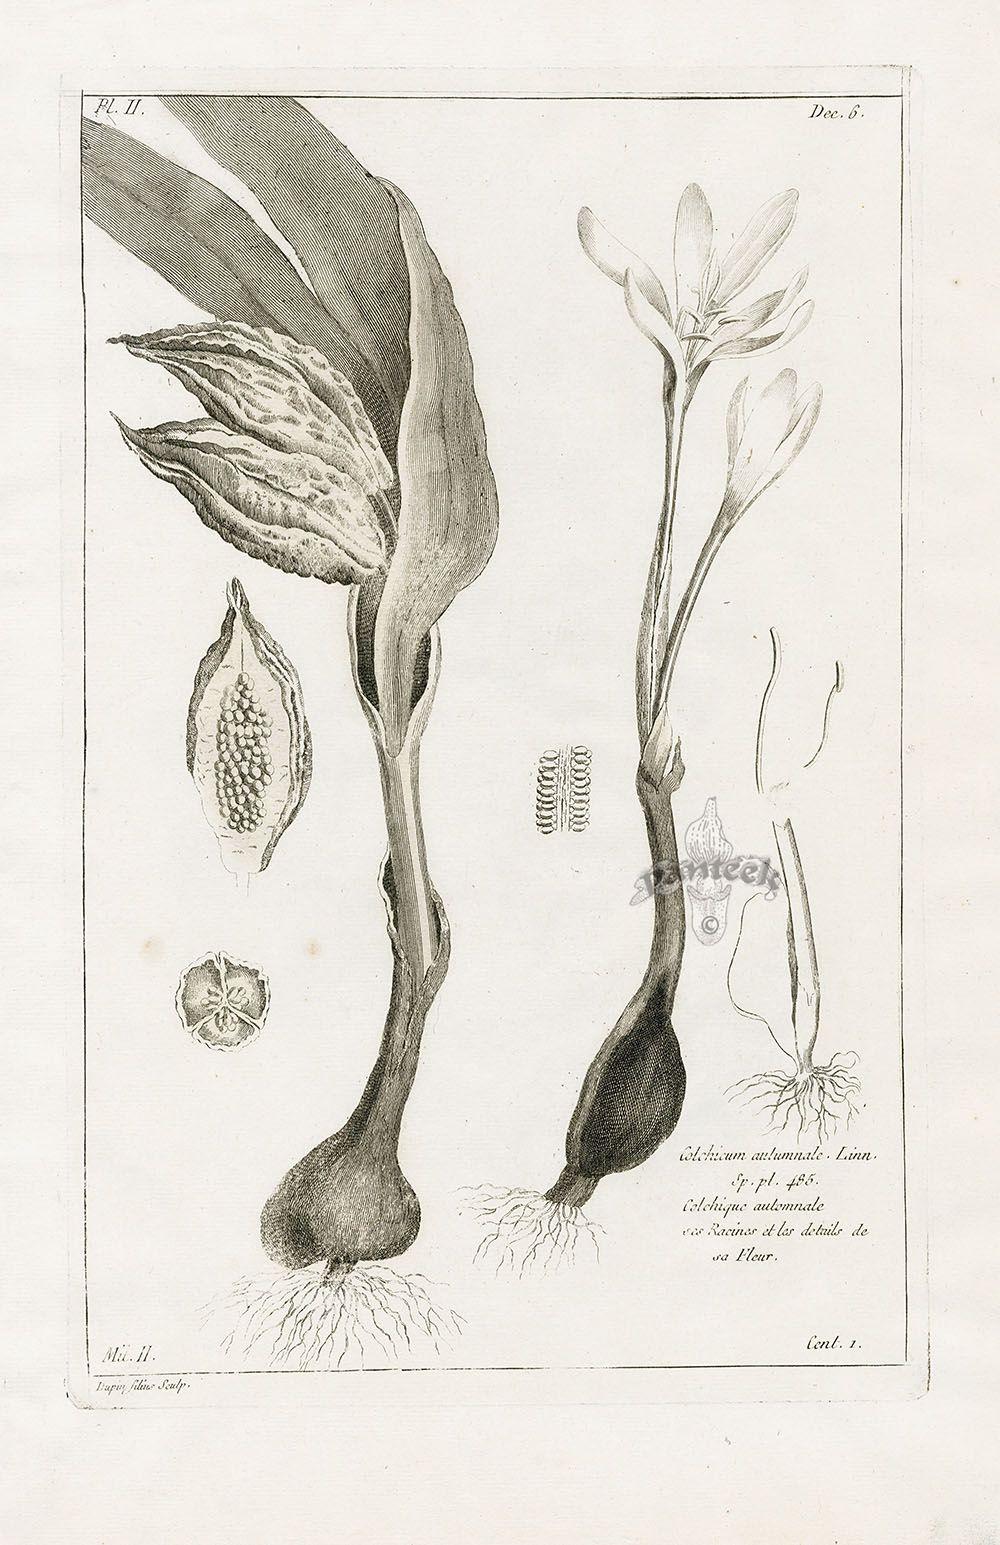 Colchicum autumnale from P.J. Buchoz Herbier Artificiel Botanical Prints 1783